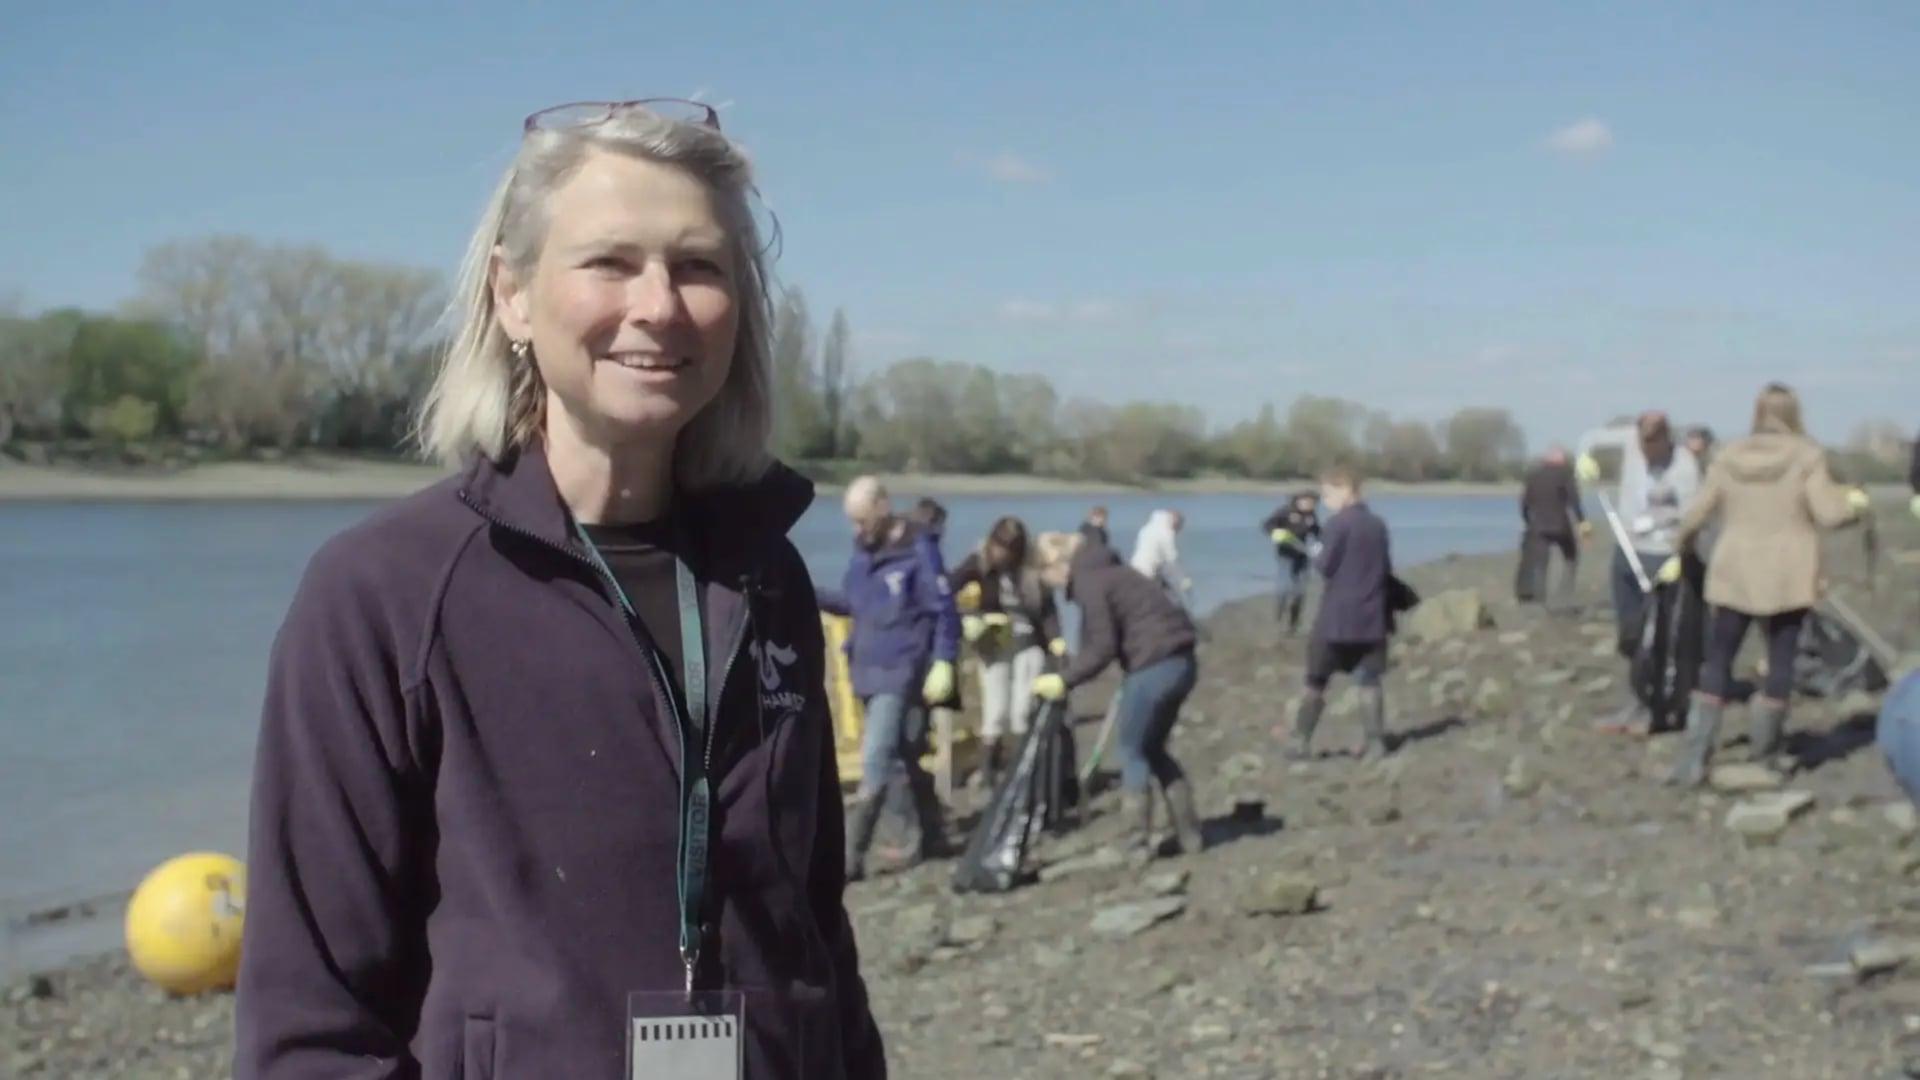 #GreenGoals - Big River Clean Up - Full